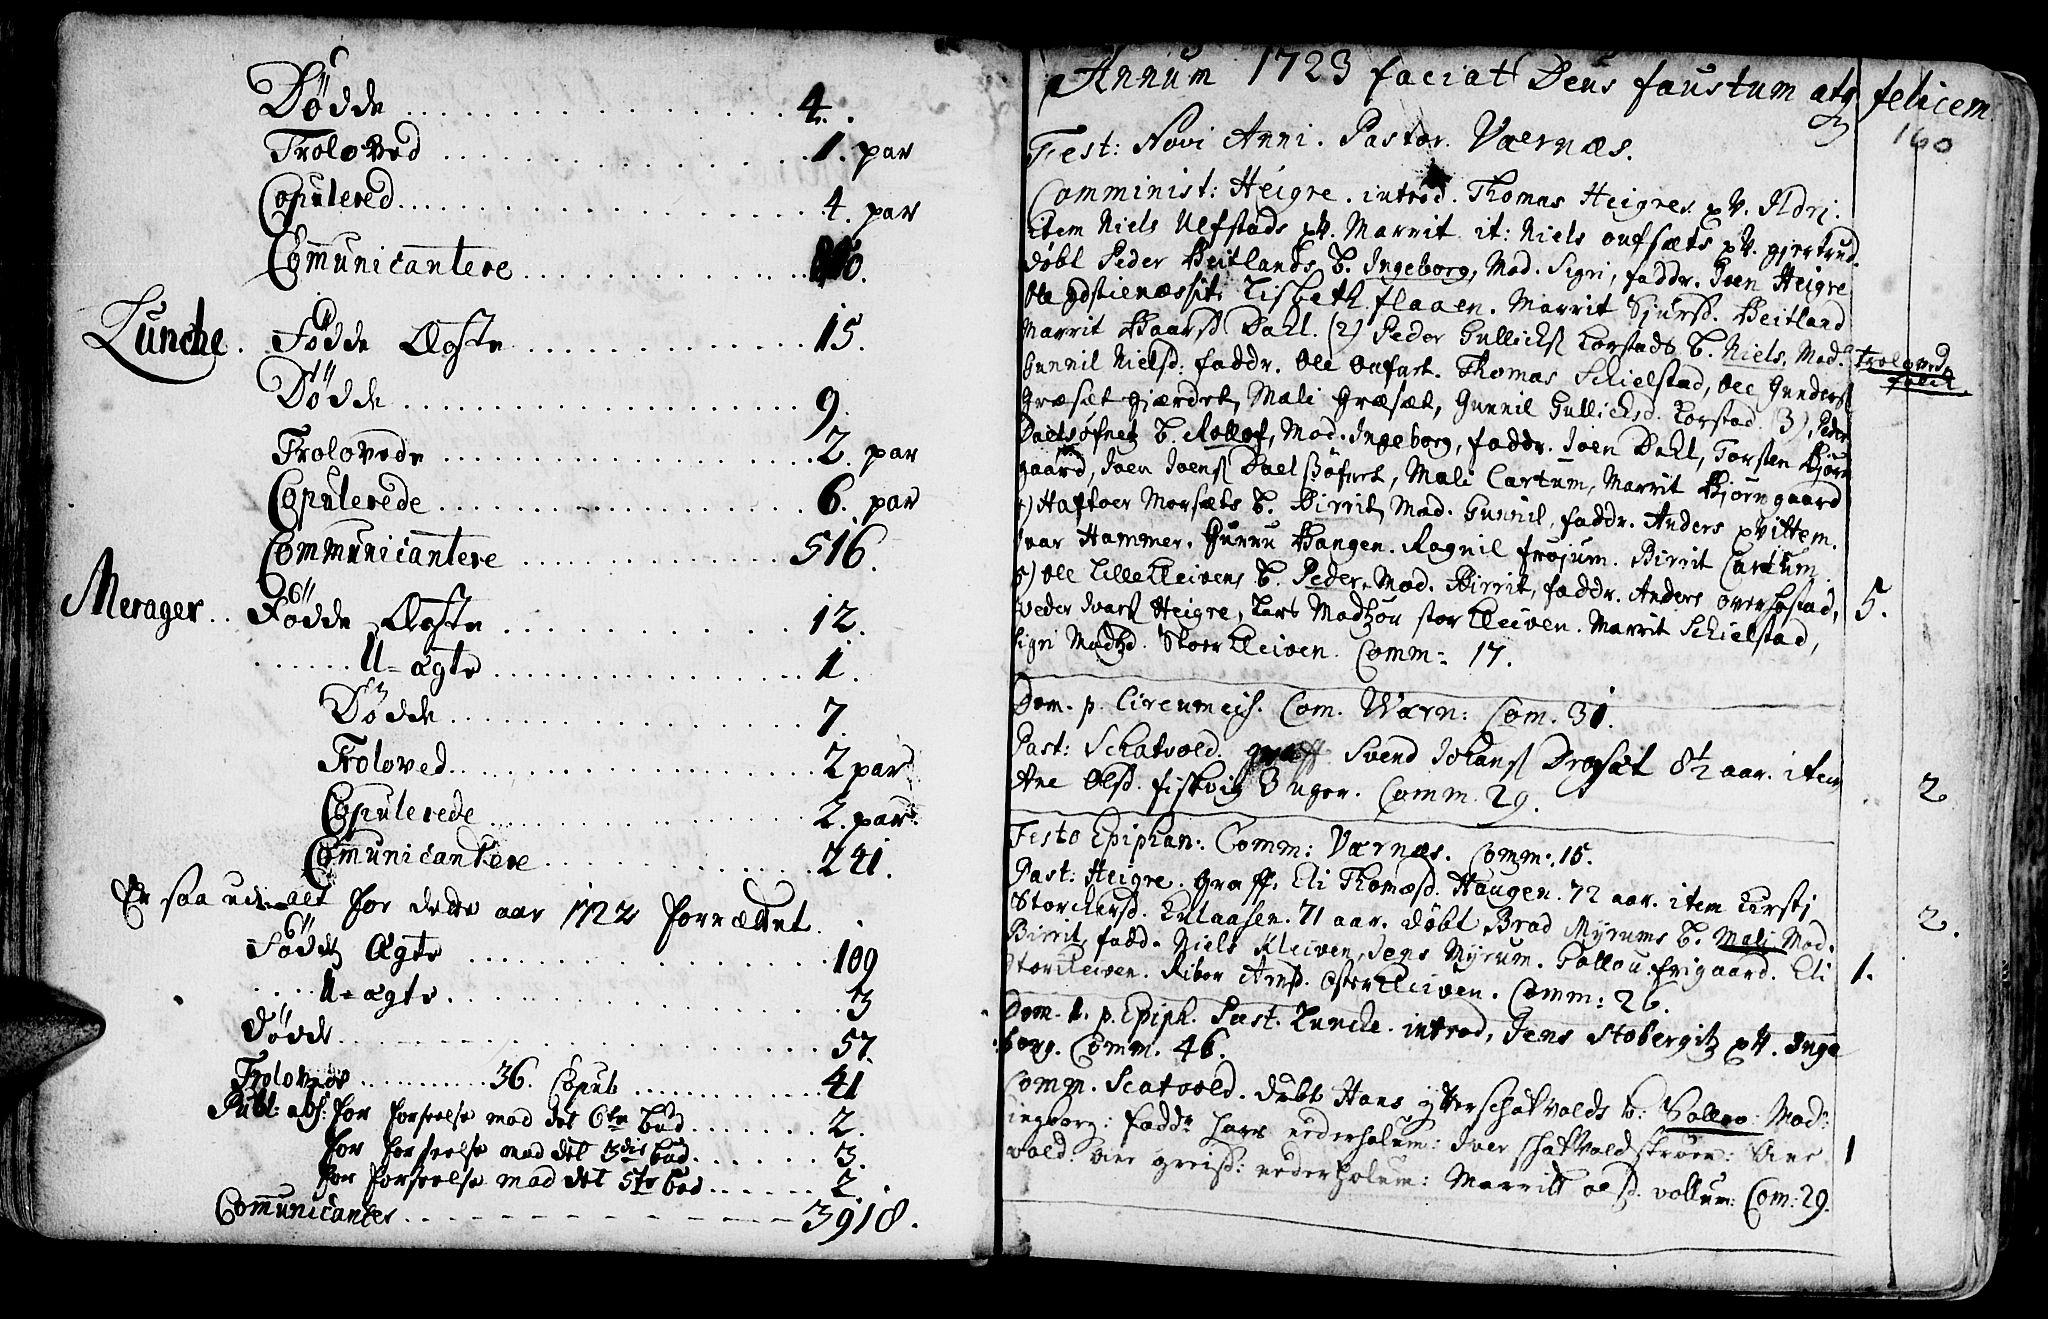 SAT, Ministerialprotokoller, klokkerbøker og fødselsregistre - Nord-Trøndelag, 709/L0054: Ministerialbok nr. 709A02, 1714-1738, s. 159-160